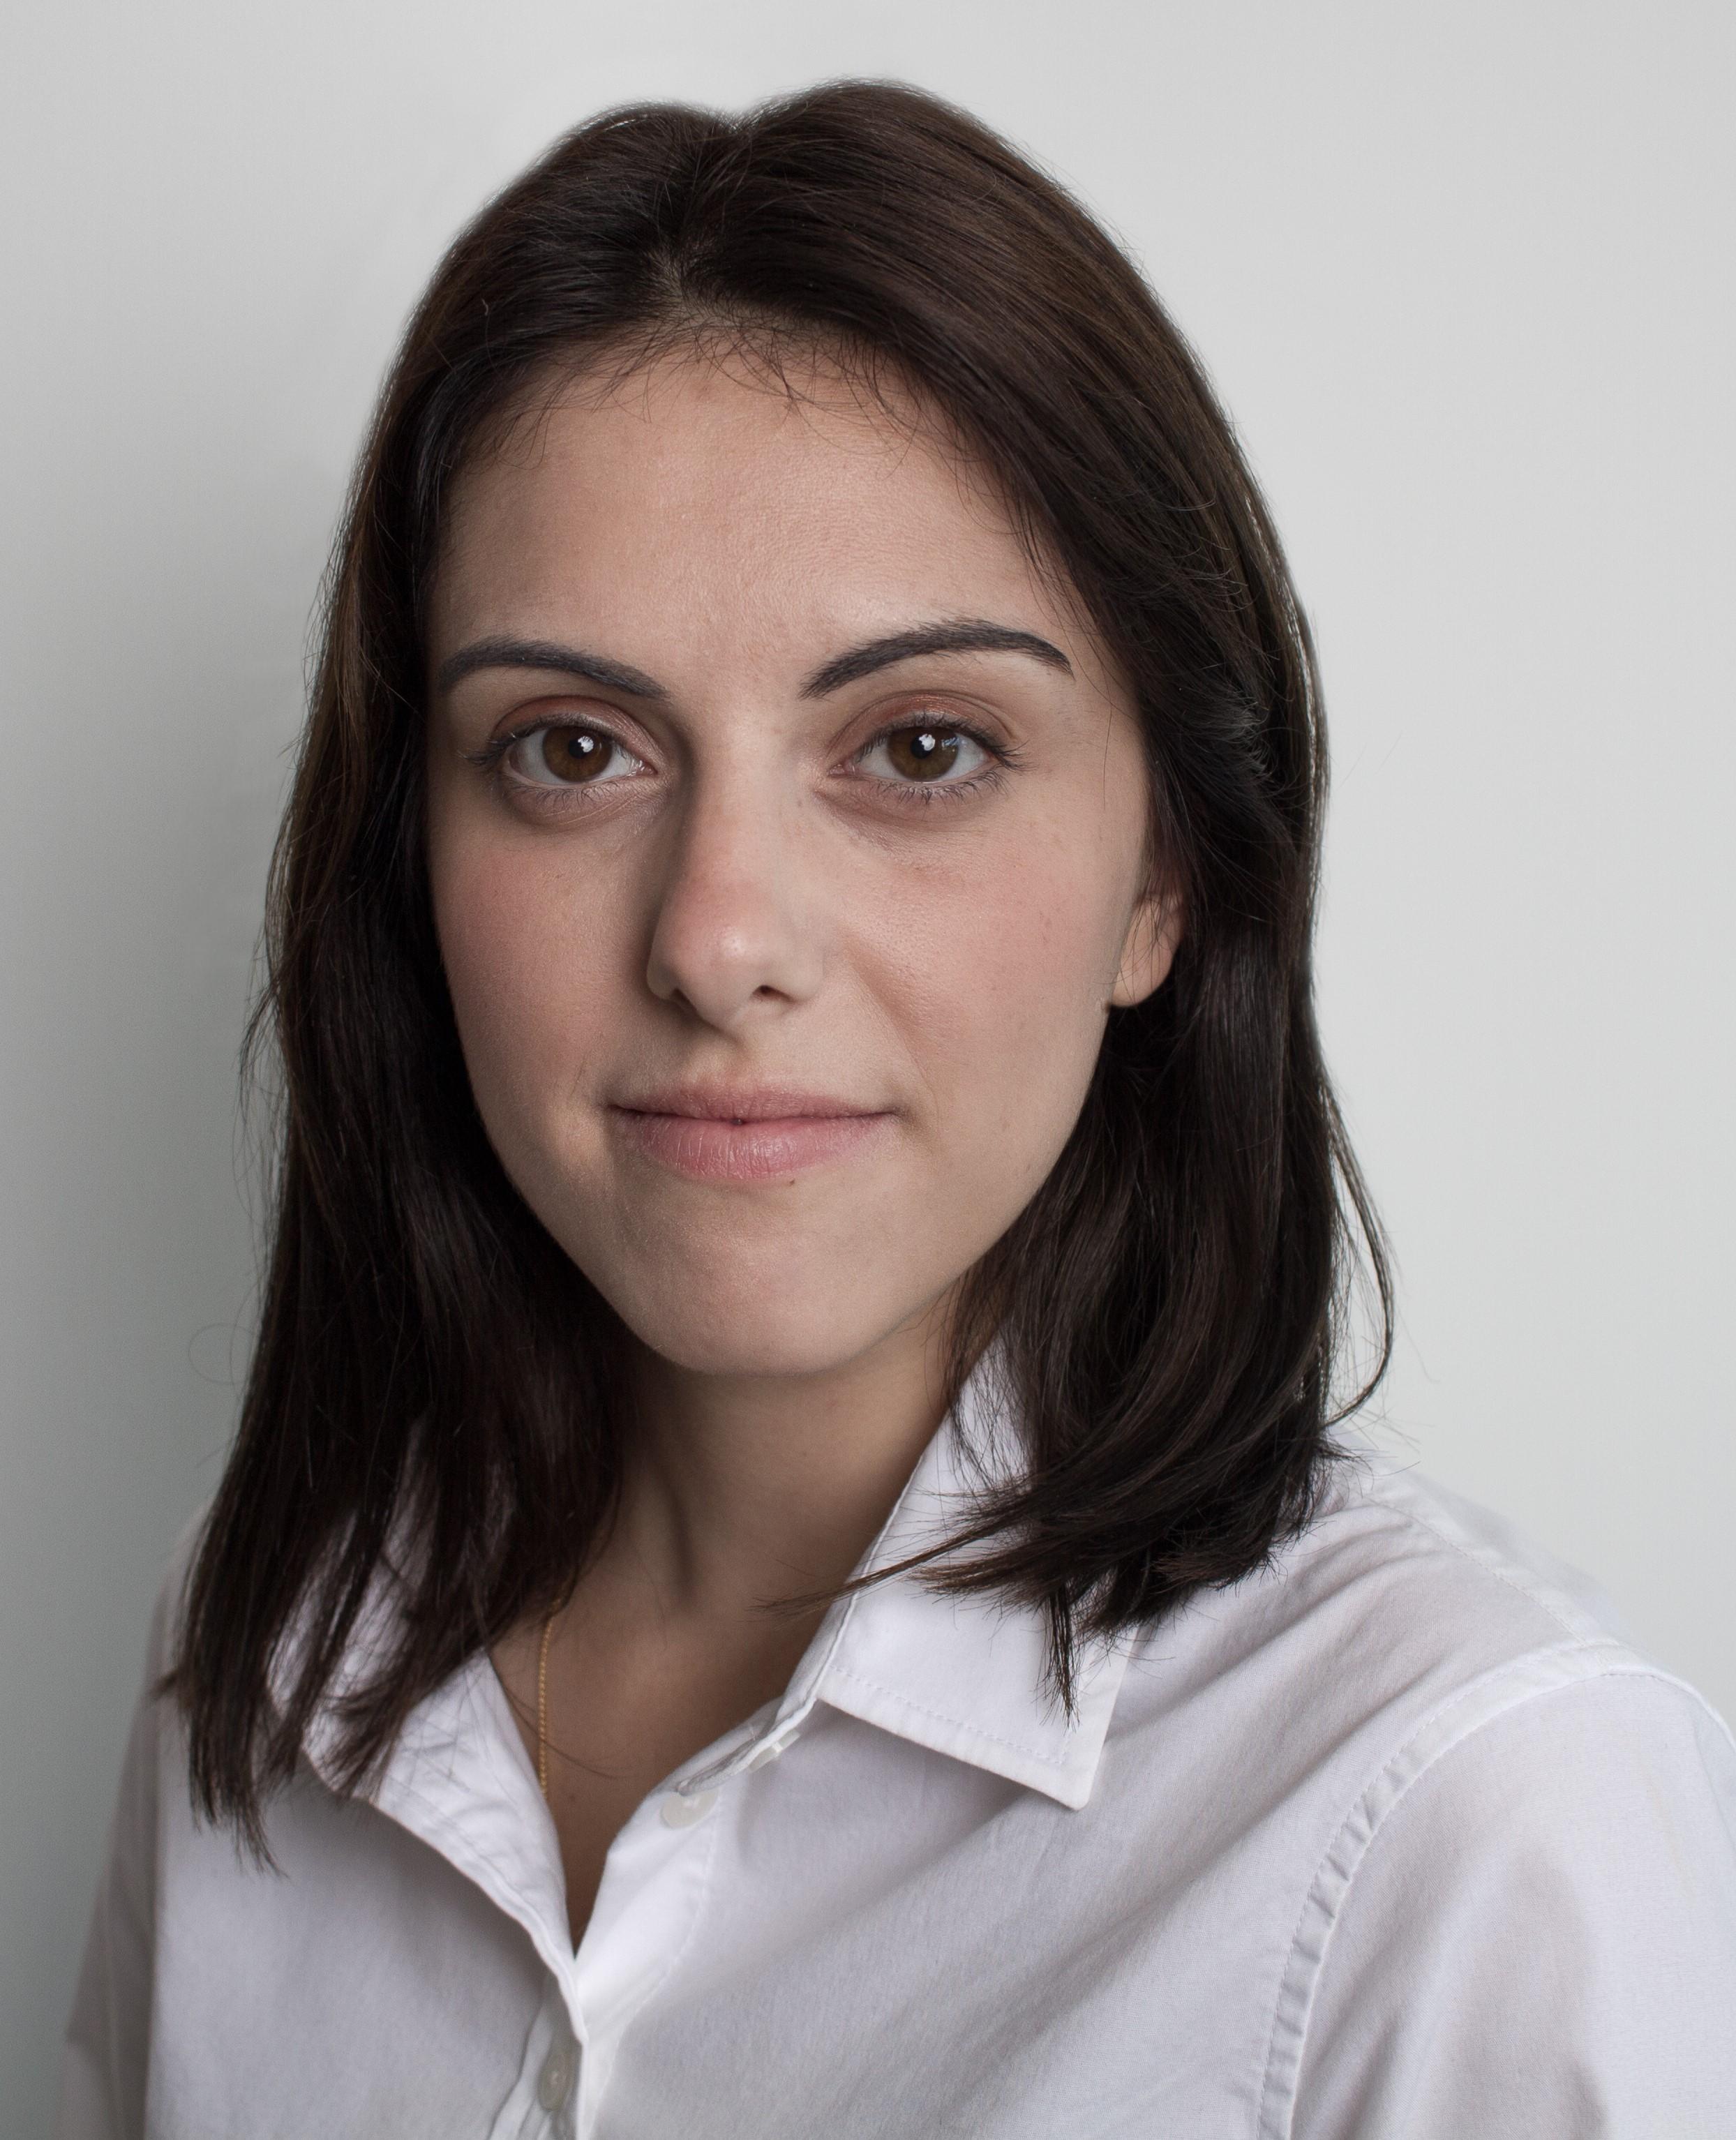 Jessica Modafferi